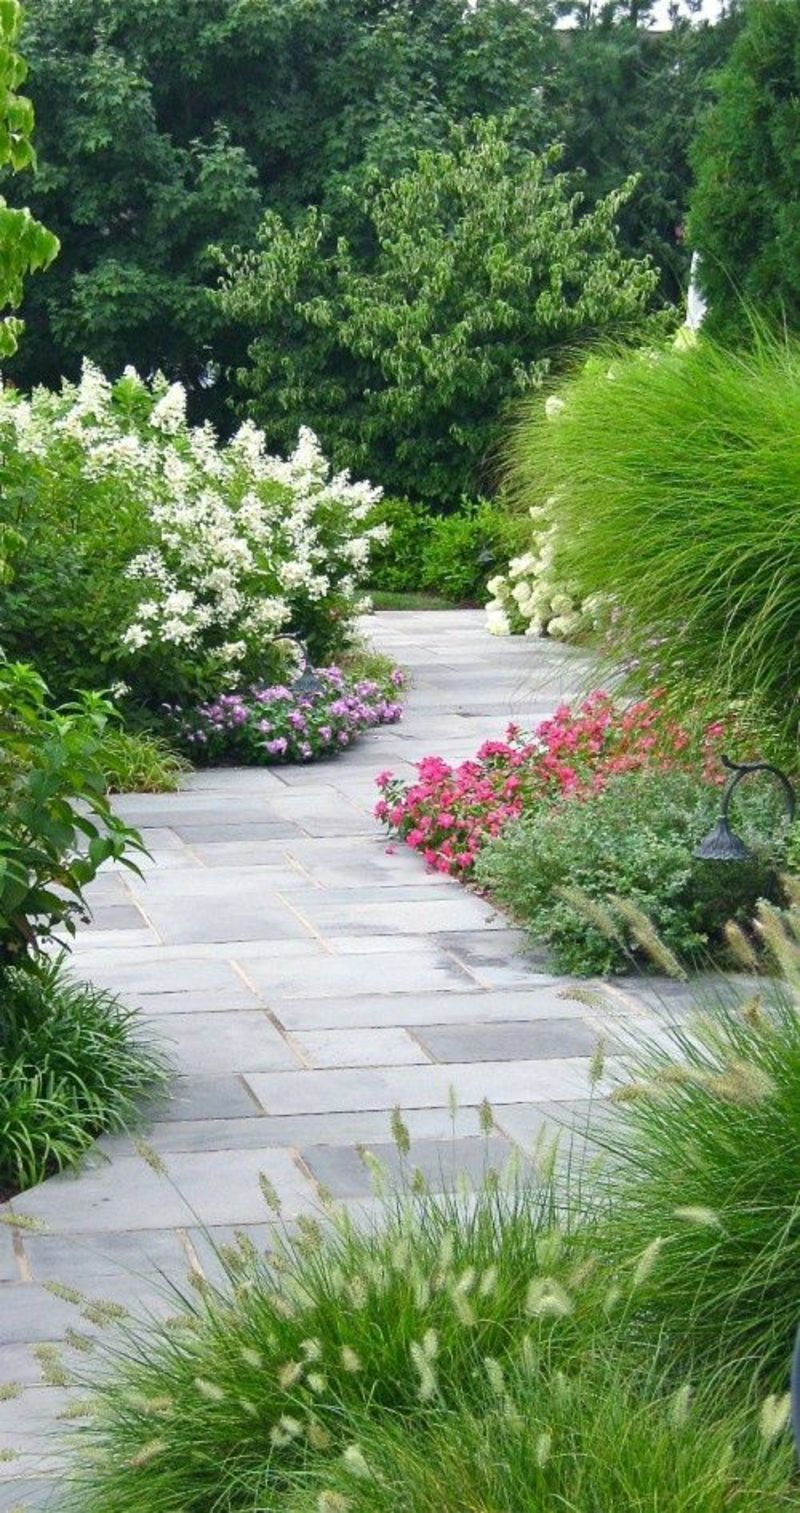 Kreative Gartenideen Inspirierend Kreative Gartenideen Und Bilder Sie Zur Gartenarbeit